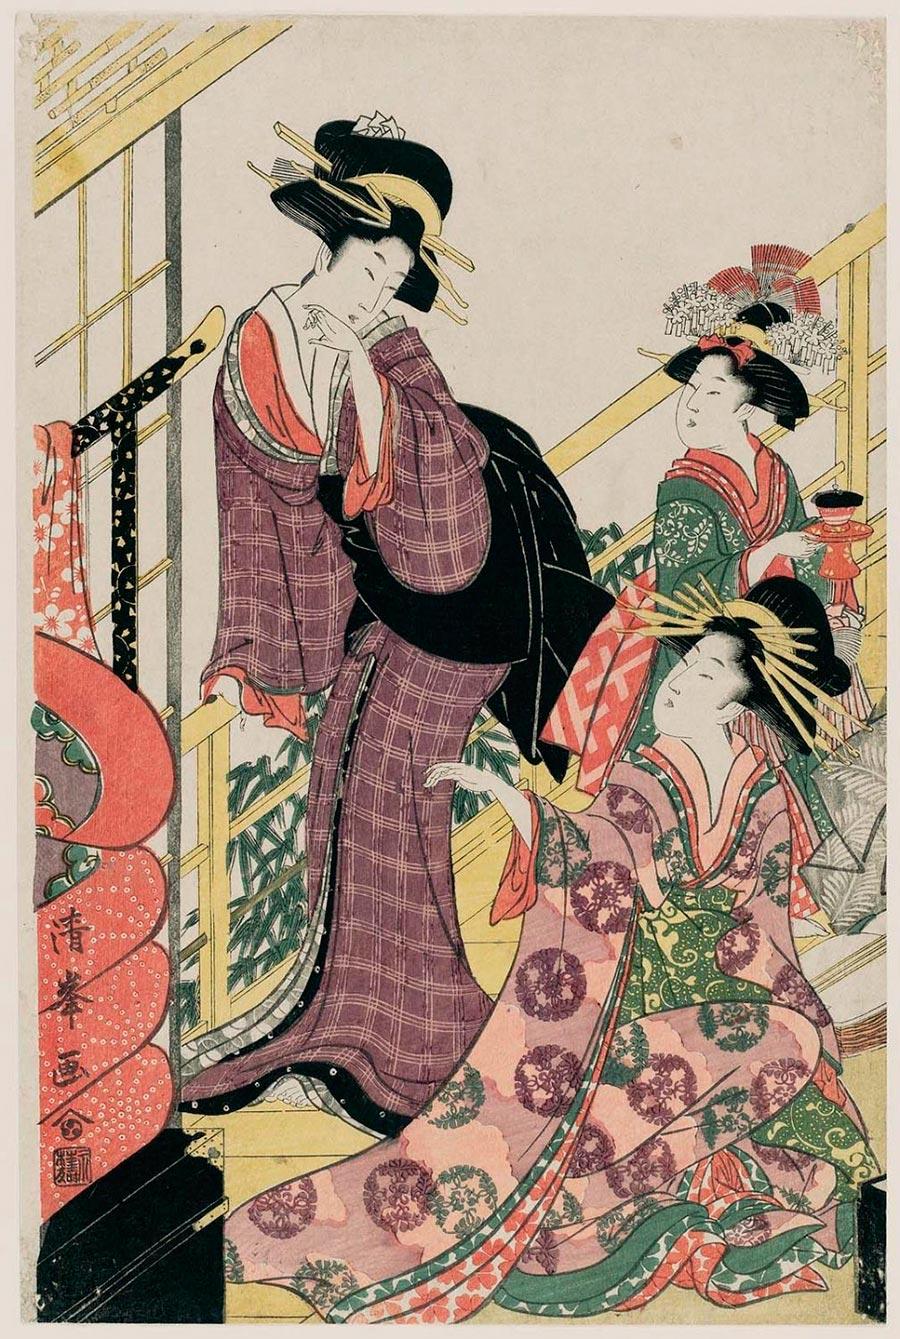 On-line архив японских гравюр, созданных с 1700-х годов до наших дней Тории Киёмине